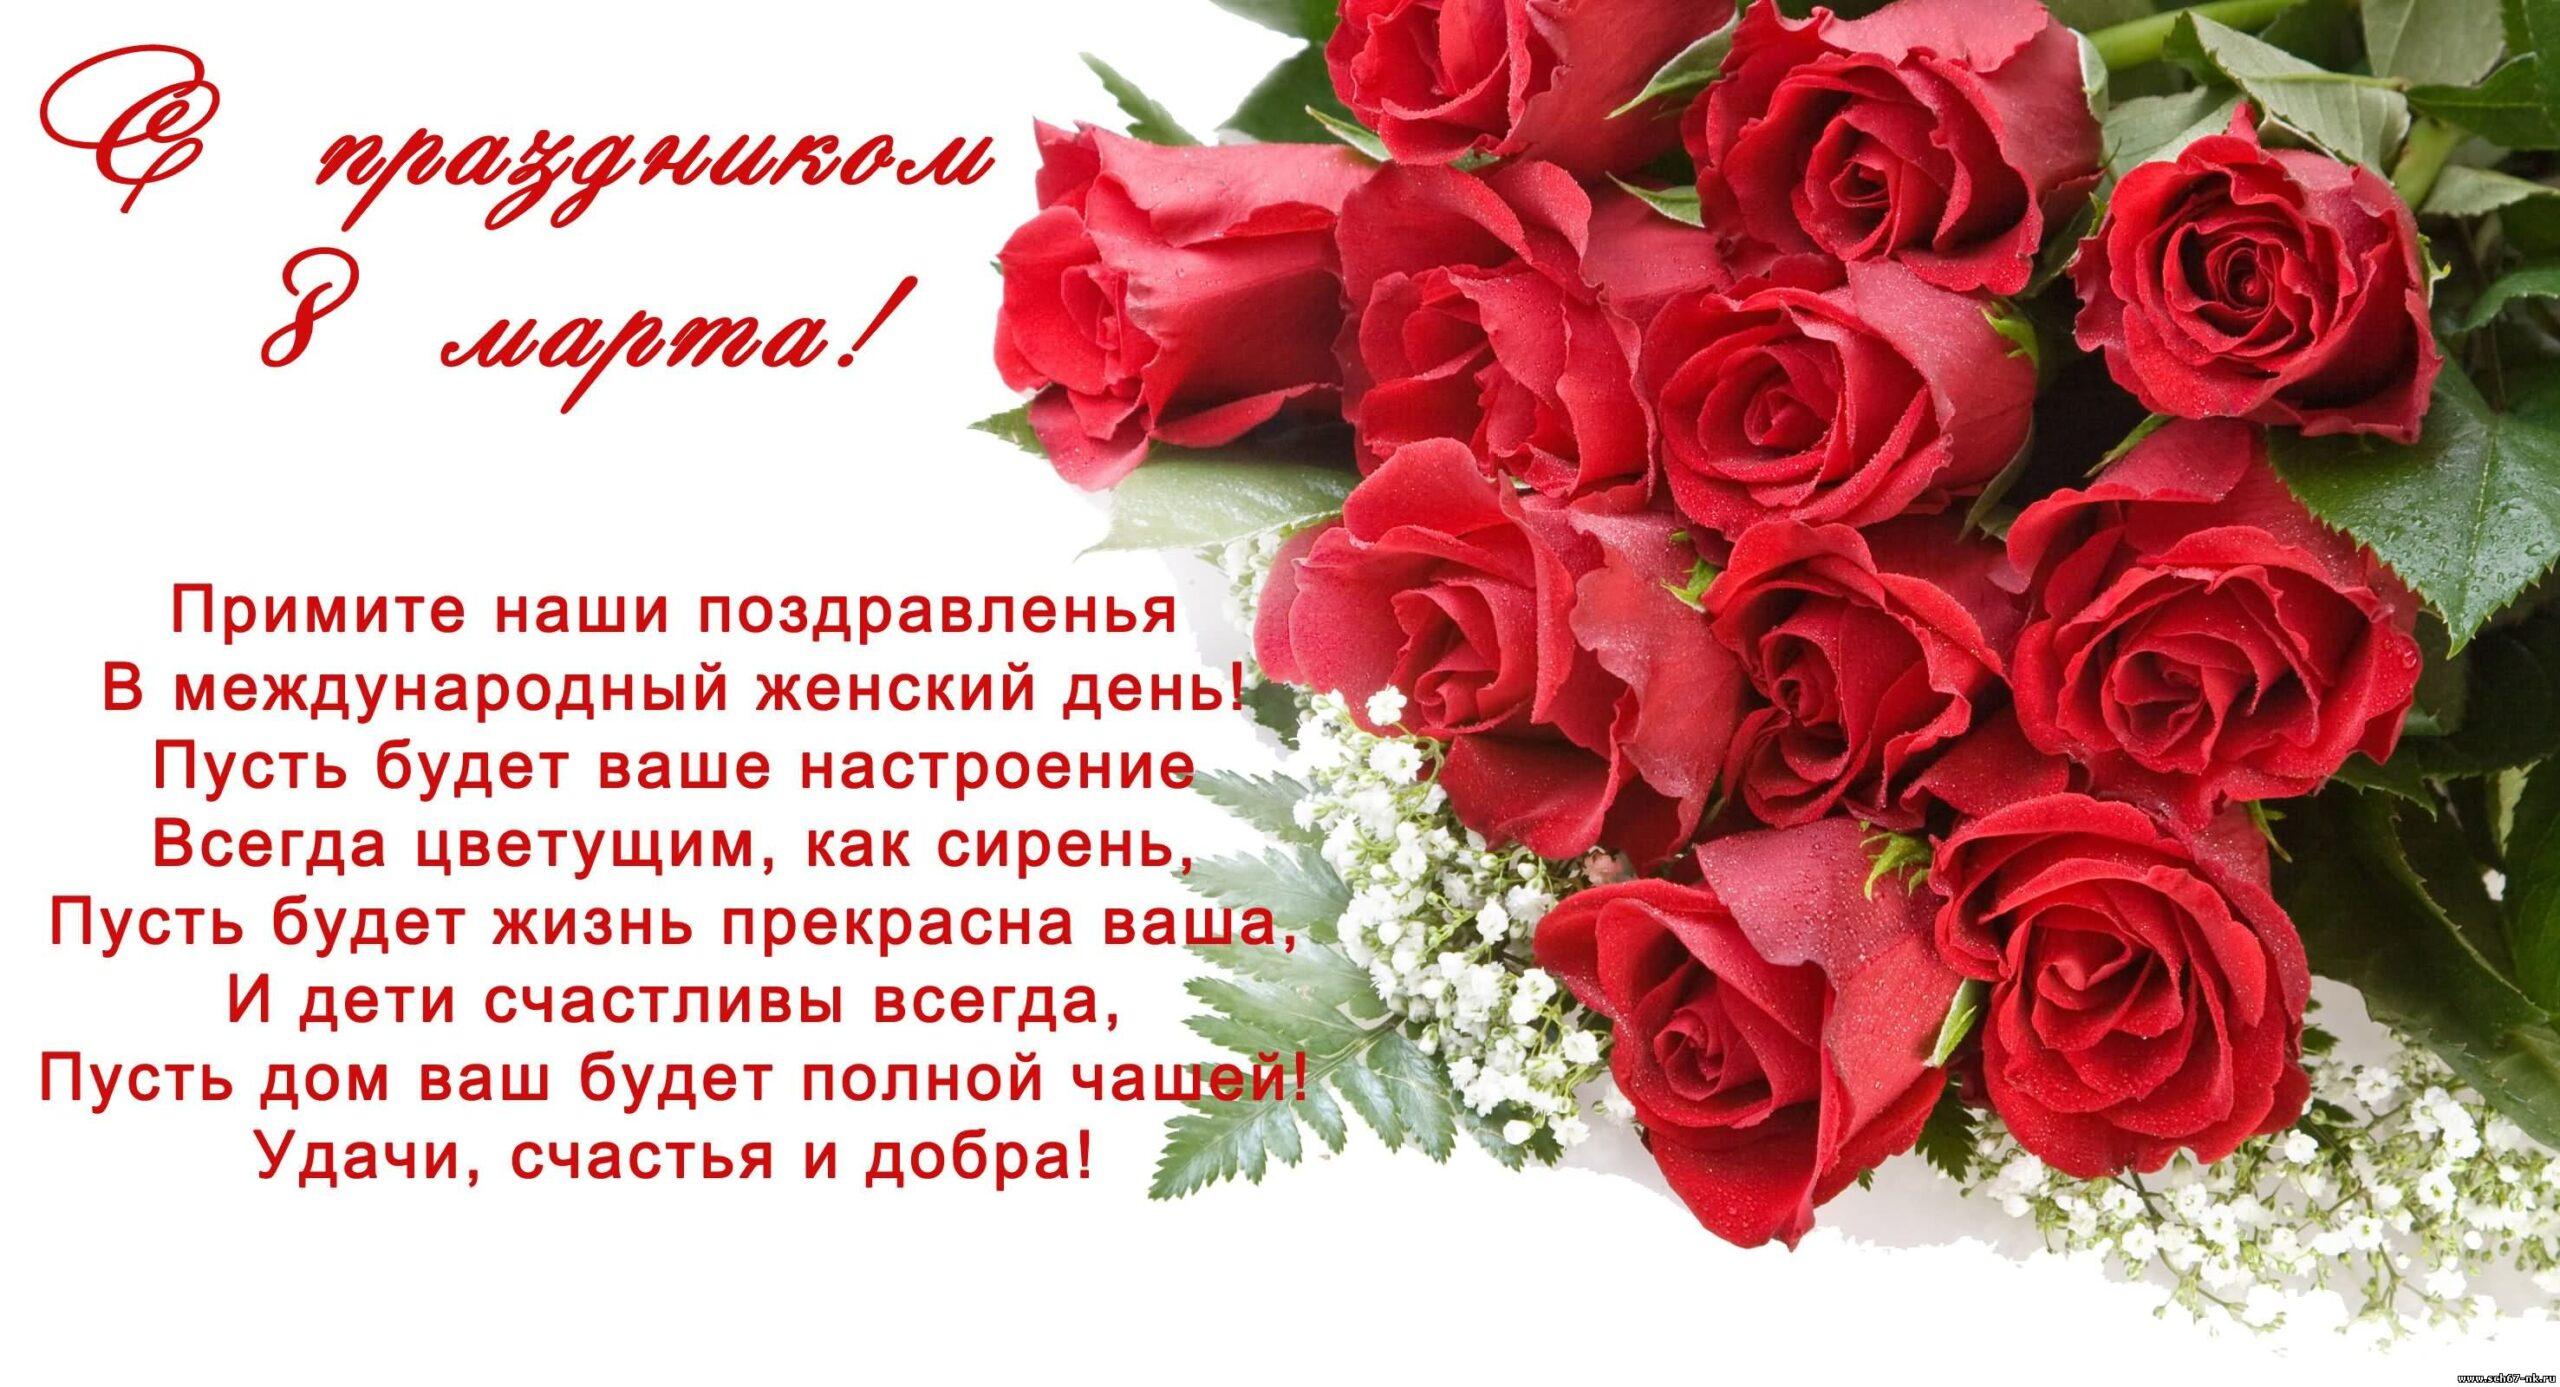 pozdravleniya-s-8-marta-18-scaled.jpg